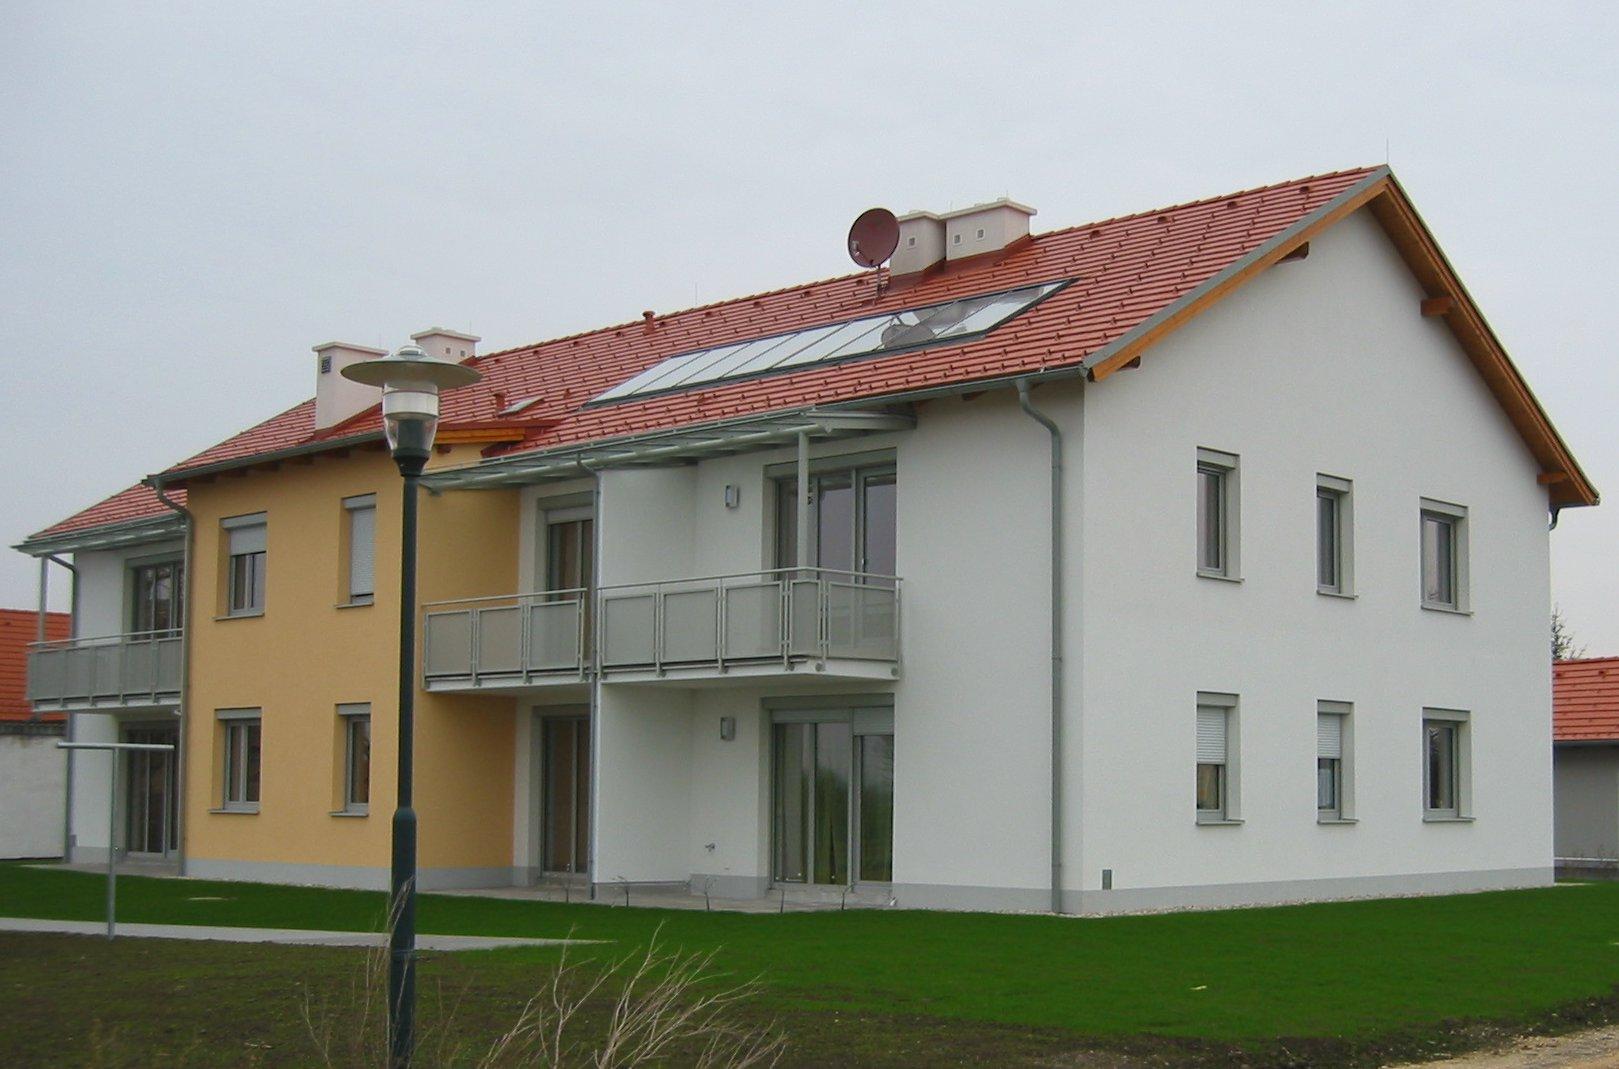 Immobilie von Kamptal in 2064 Wulzeshofen, Mistelbach, Wulzeshofen I/1 - Top 103 #8